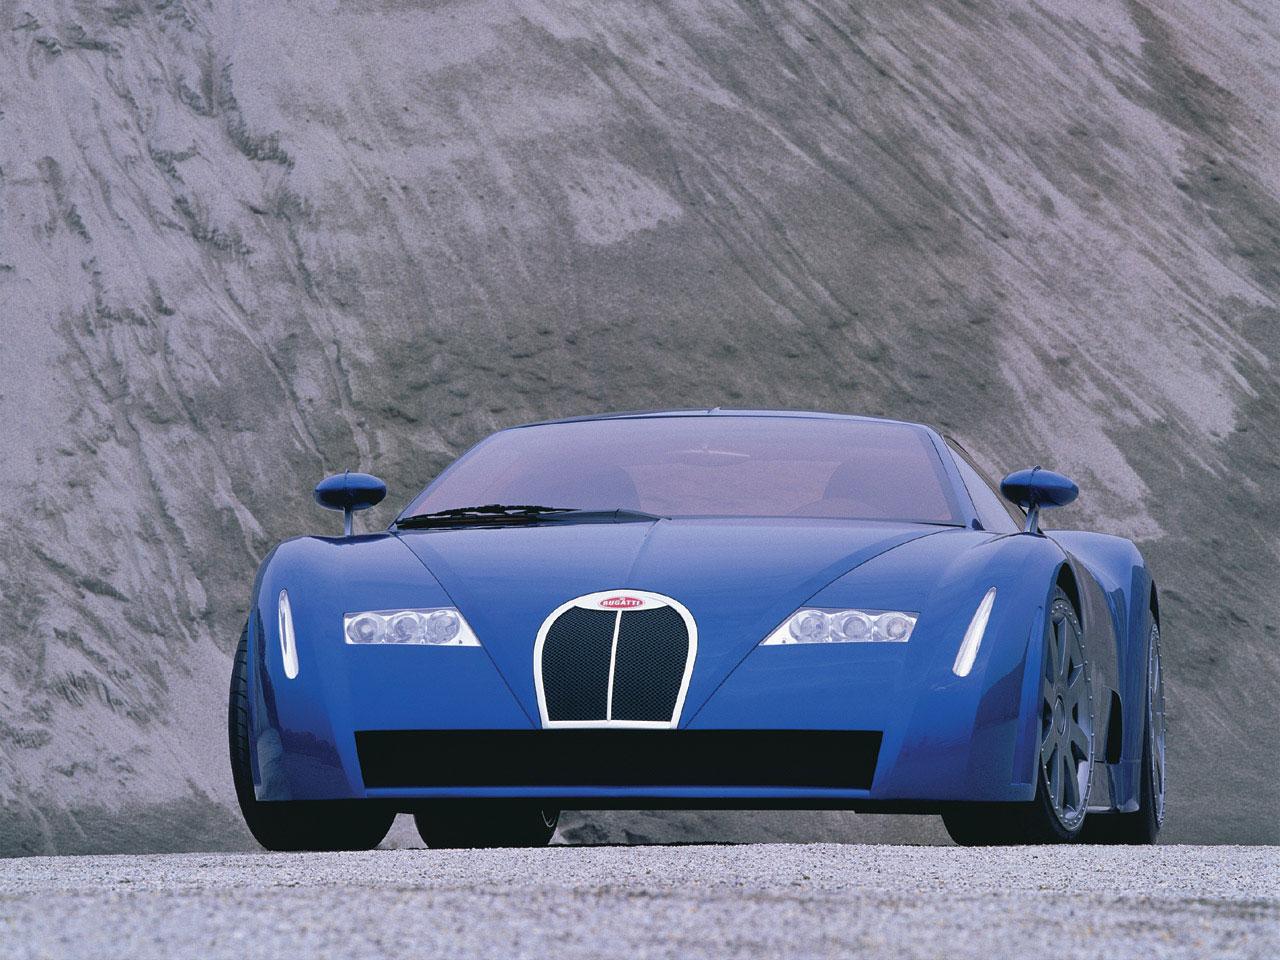 Bugatti Chiron Blue on 06 Cts Engine